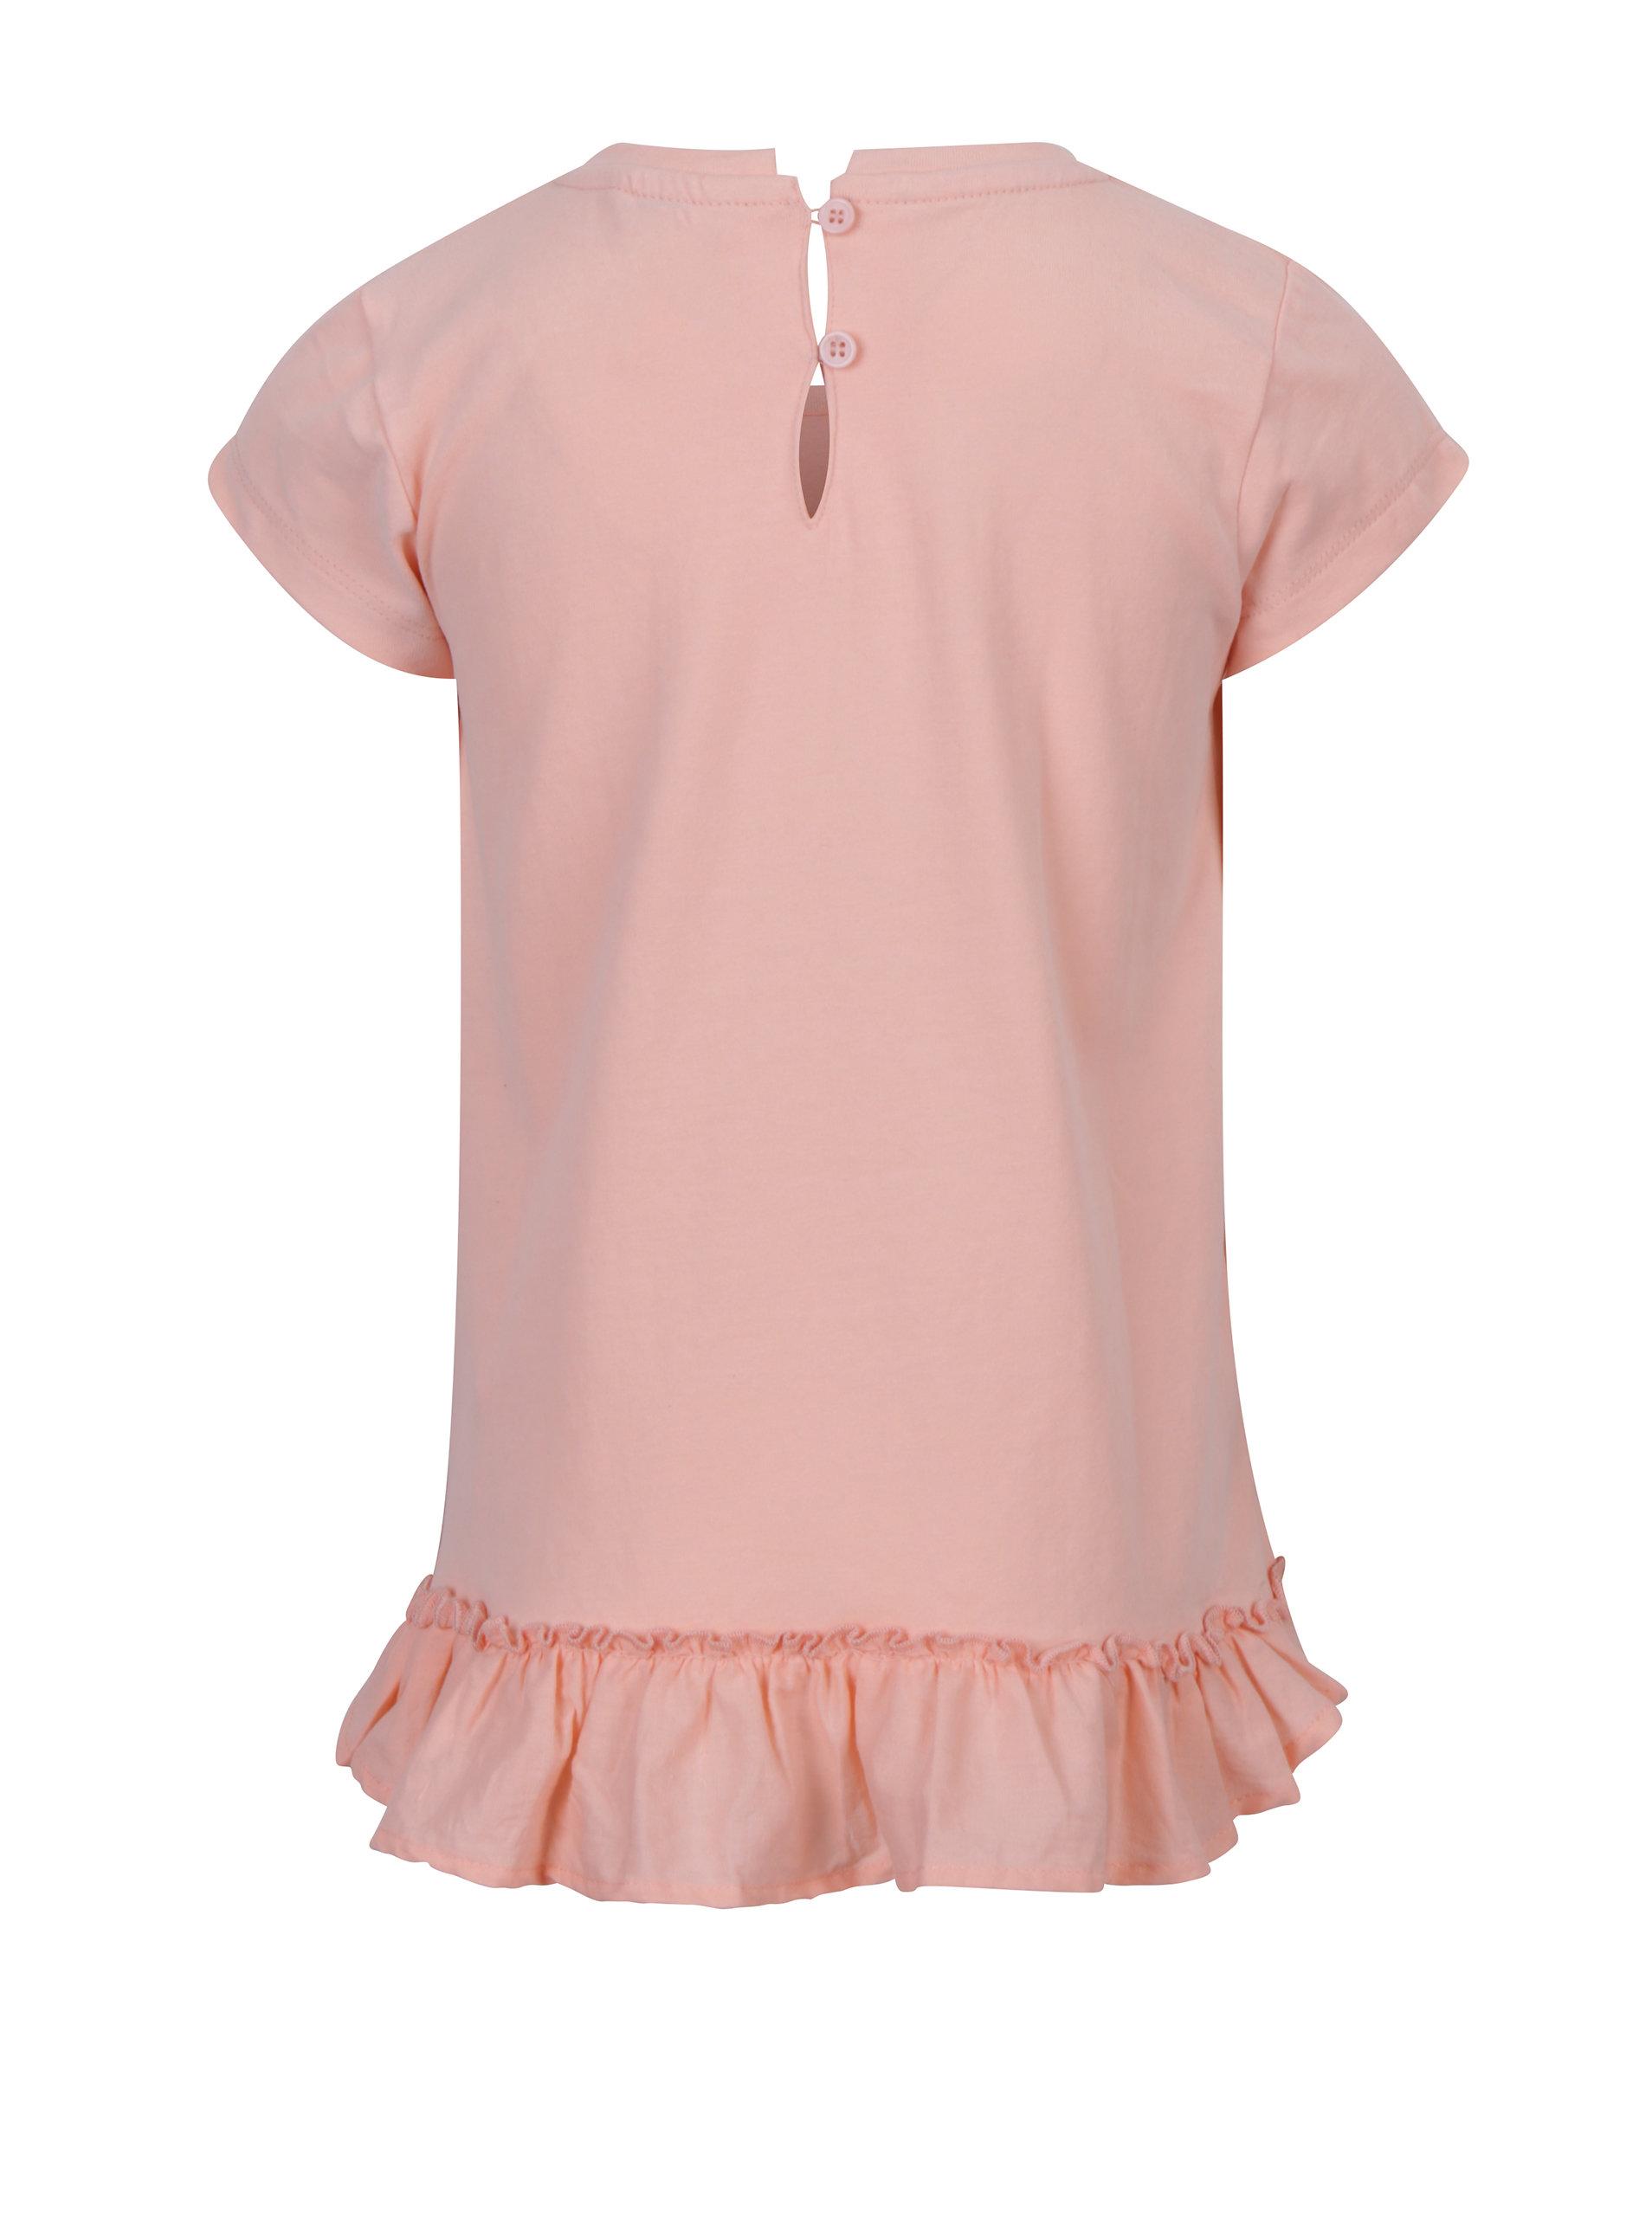 e4d52d256534 Světle růžové holčičí tričko s potiskem 5.10.15.